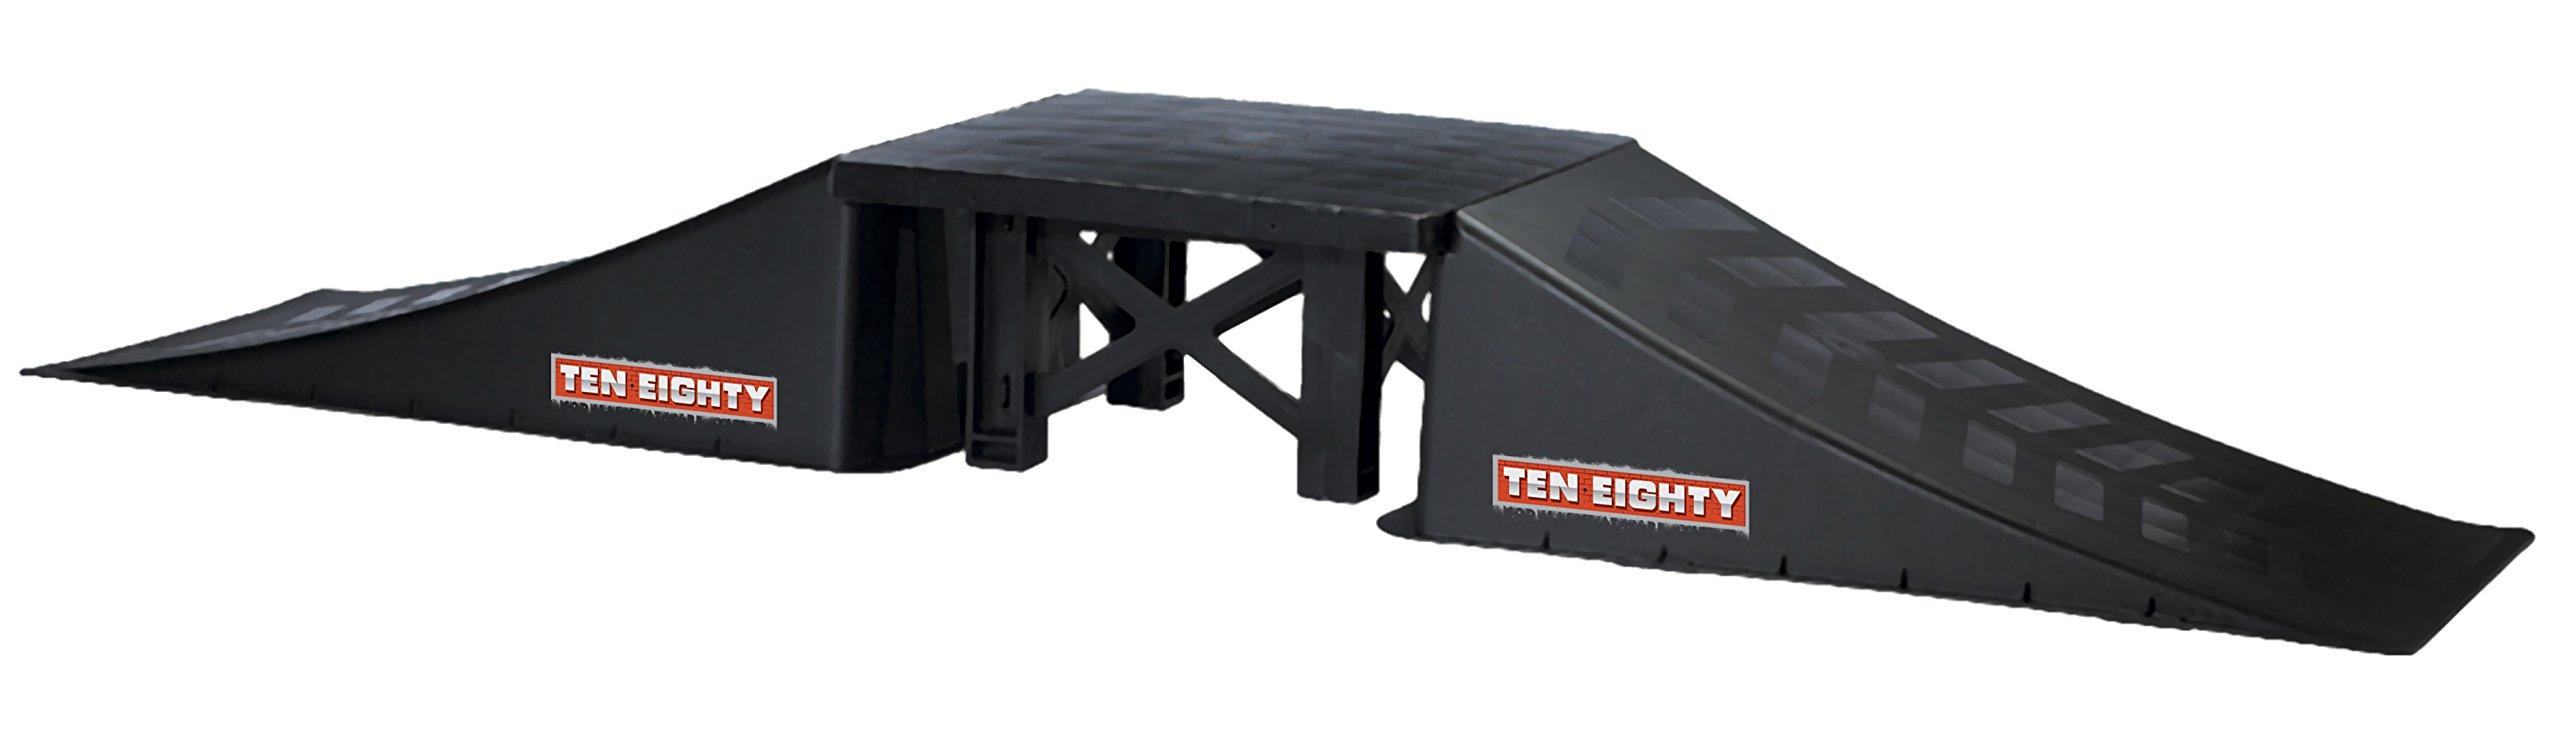 Ten Eighty Flybox Launch Ramp Set